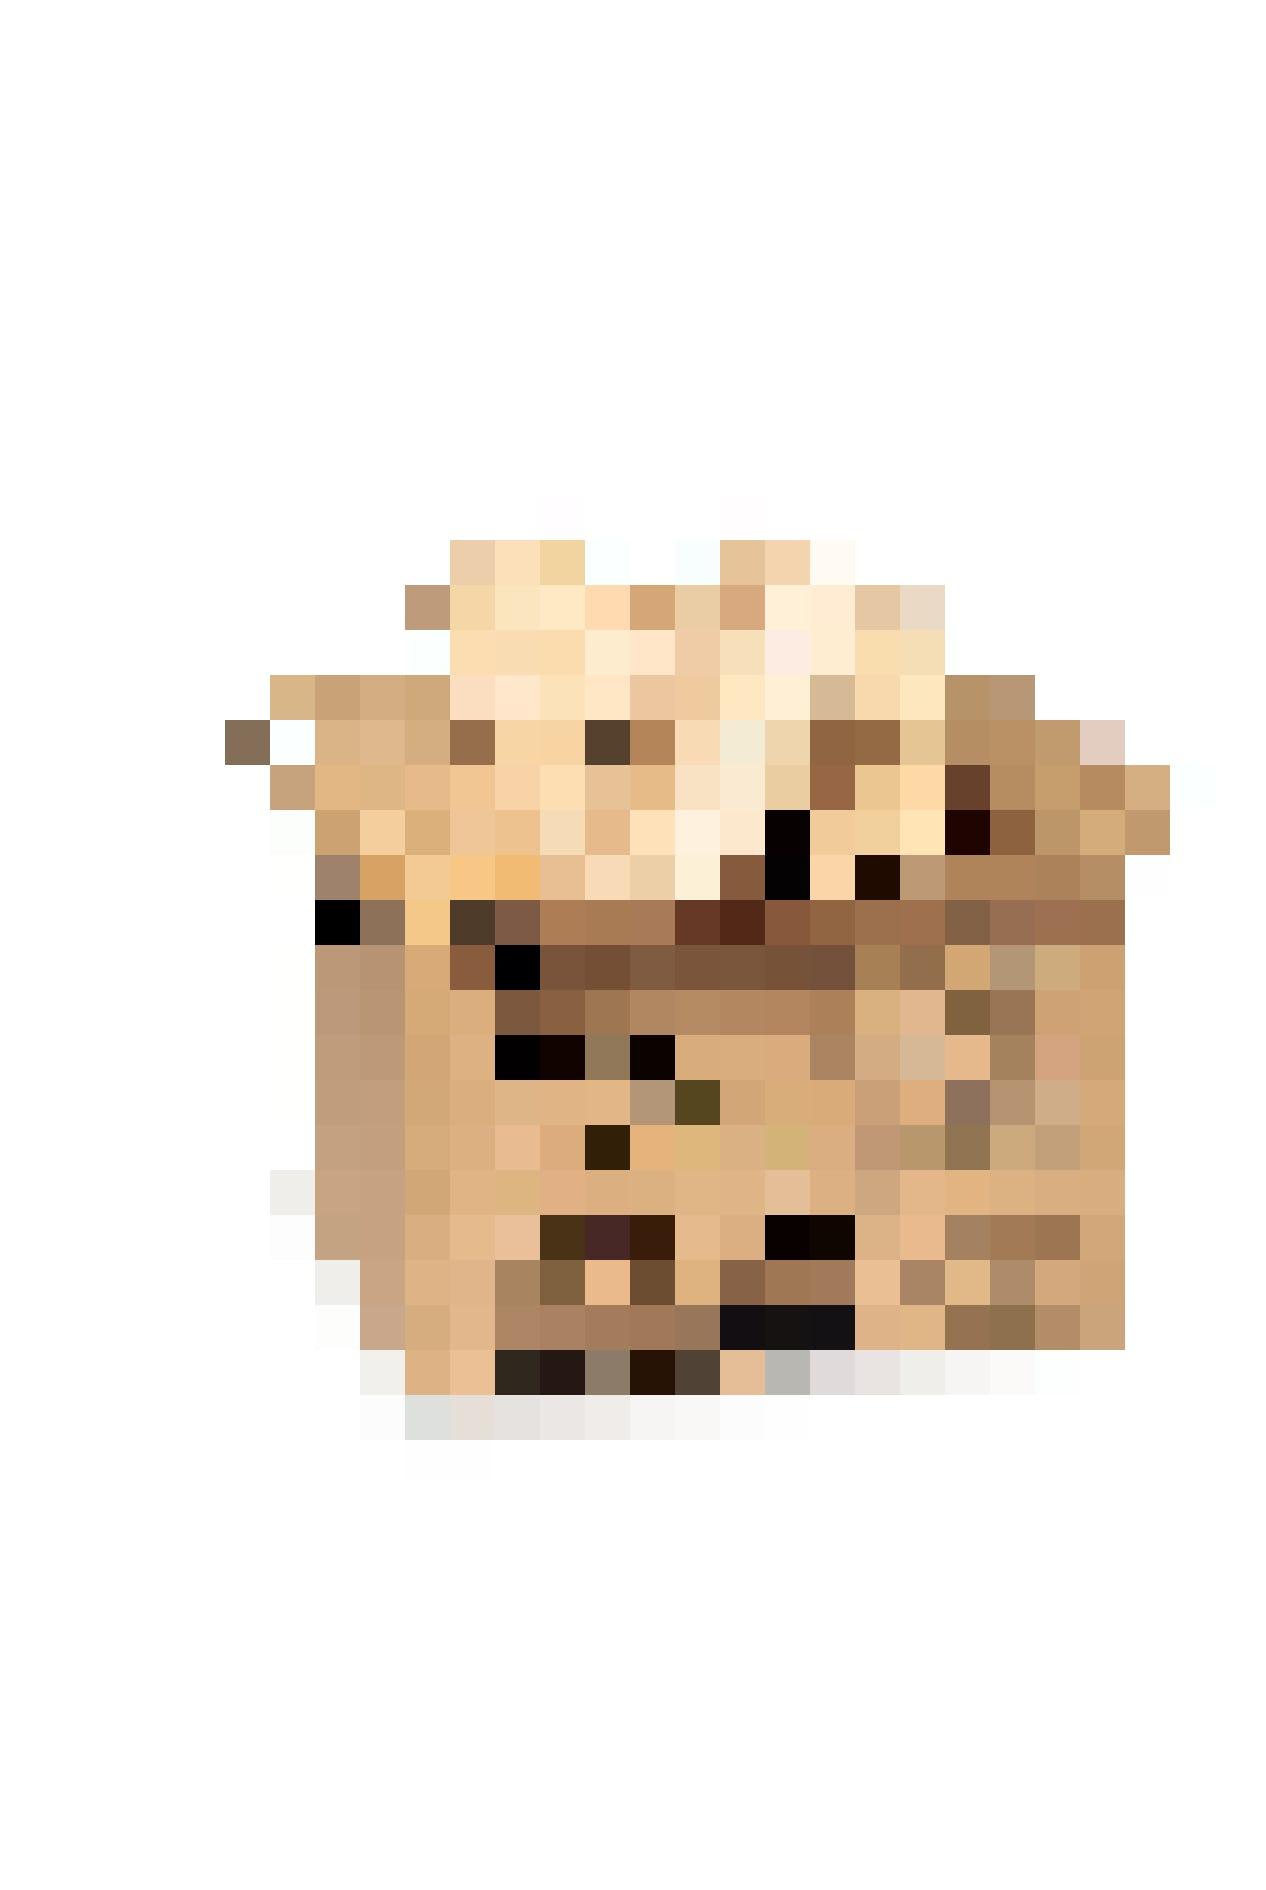 Feu de bois: Bois de cheminée Oecoplan, 15kg, 9,95 francs, Coop brico+loisirs